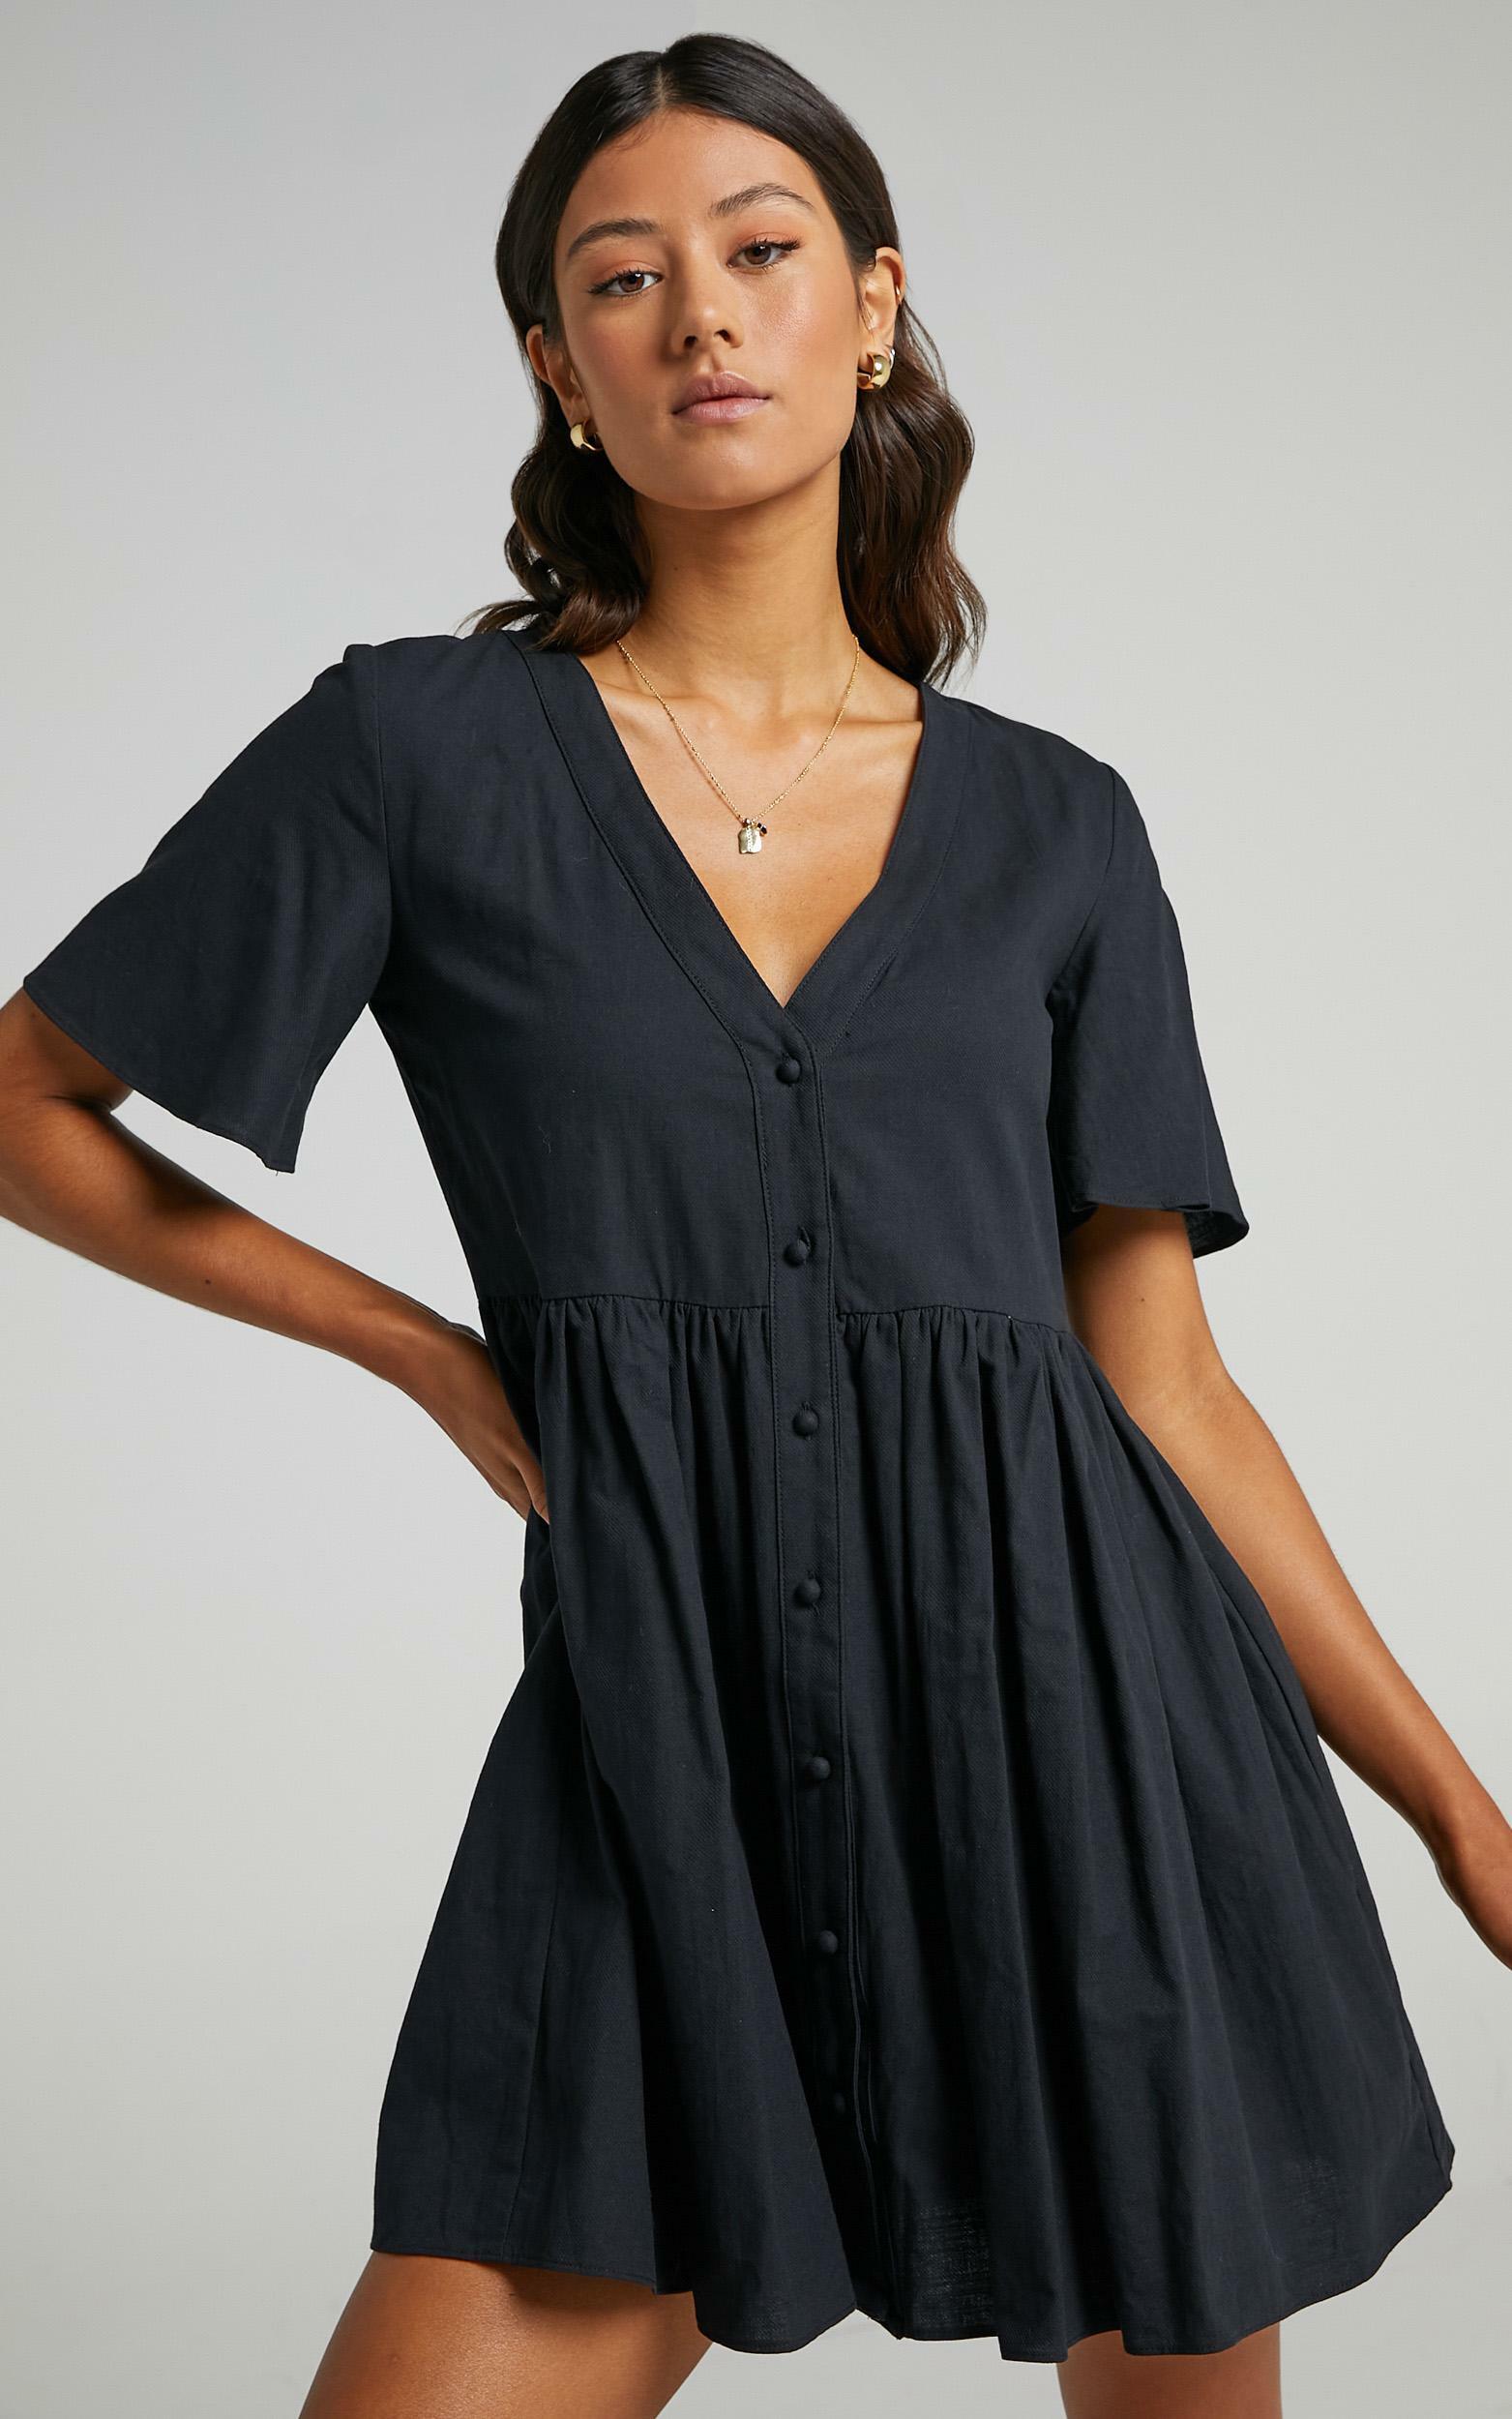 Staycation Dress in Black - 20, BLK1, hi-res image number null